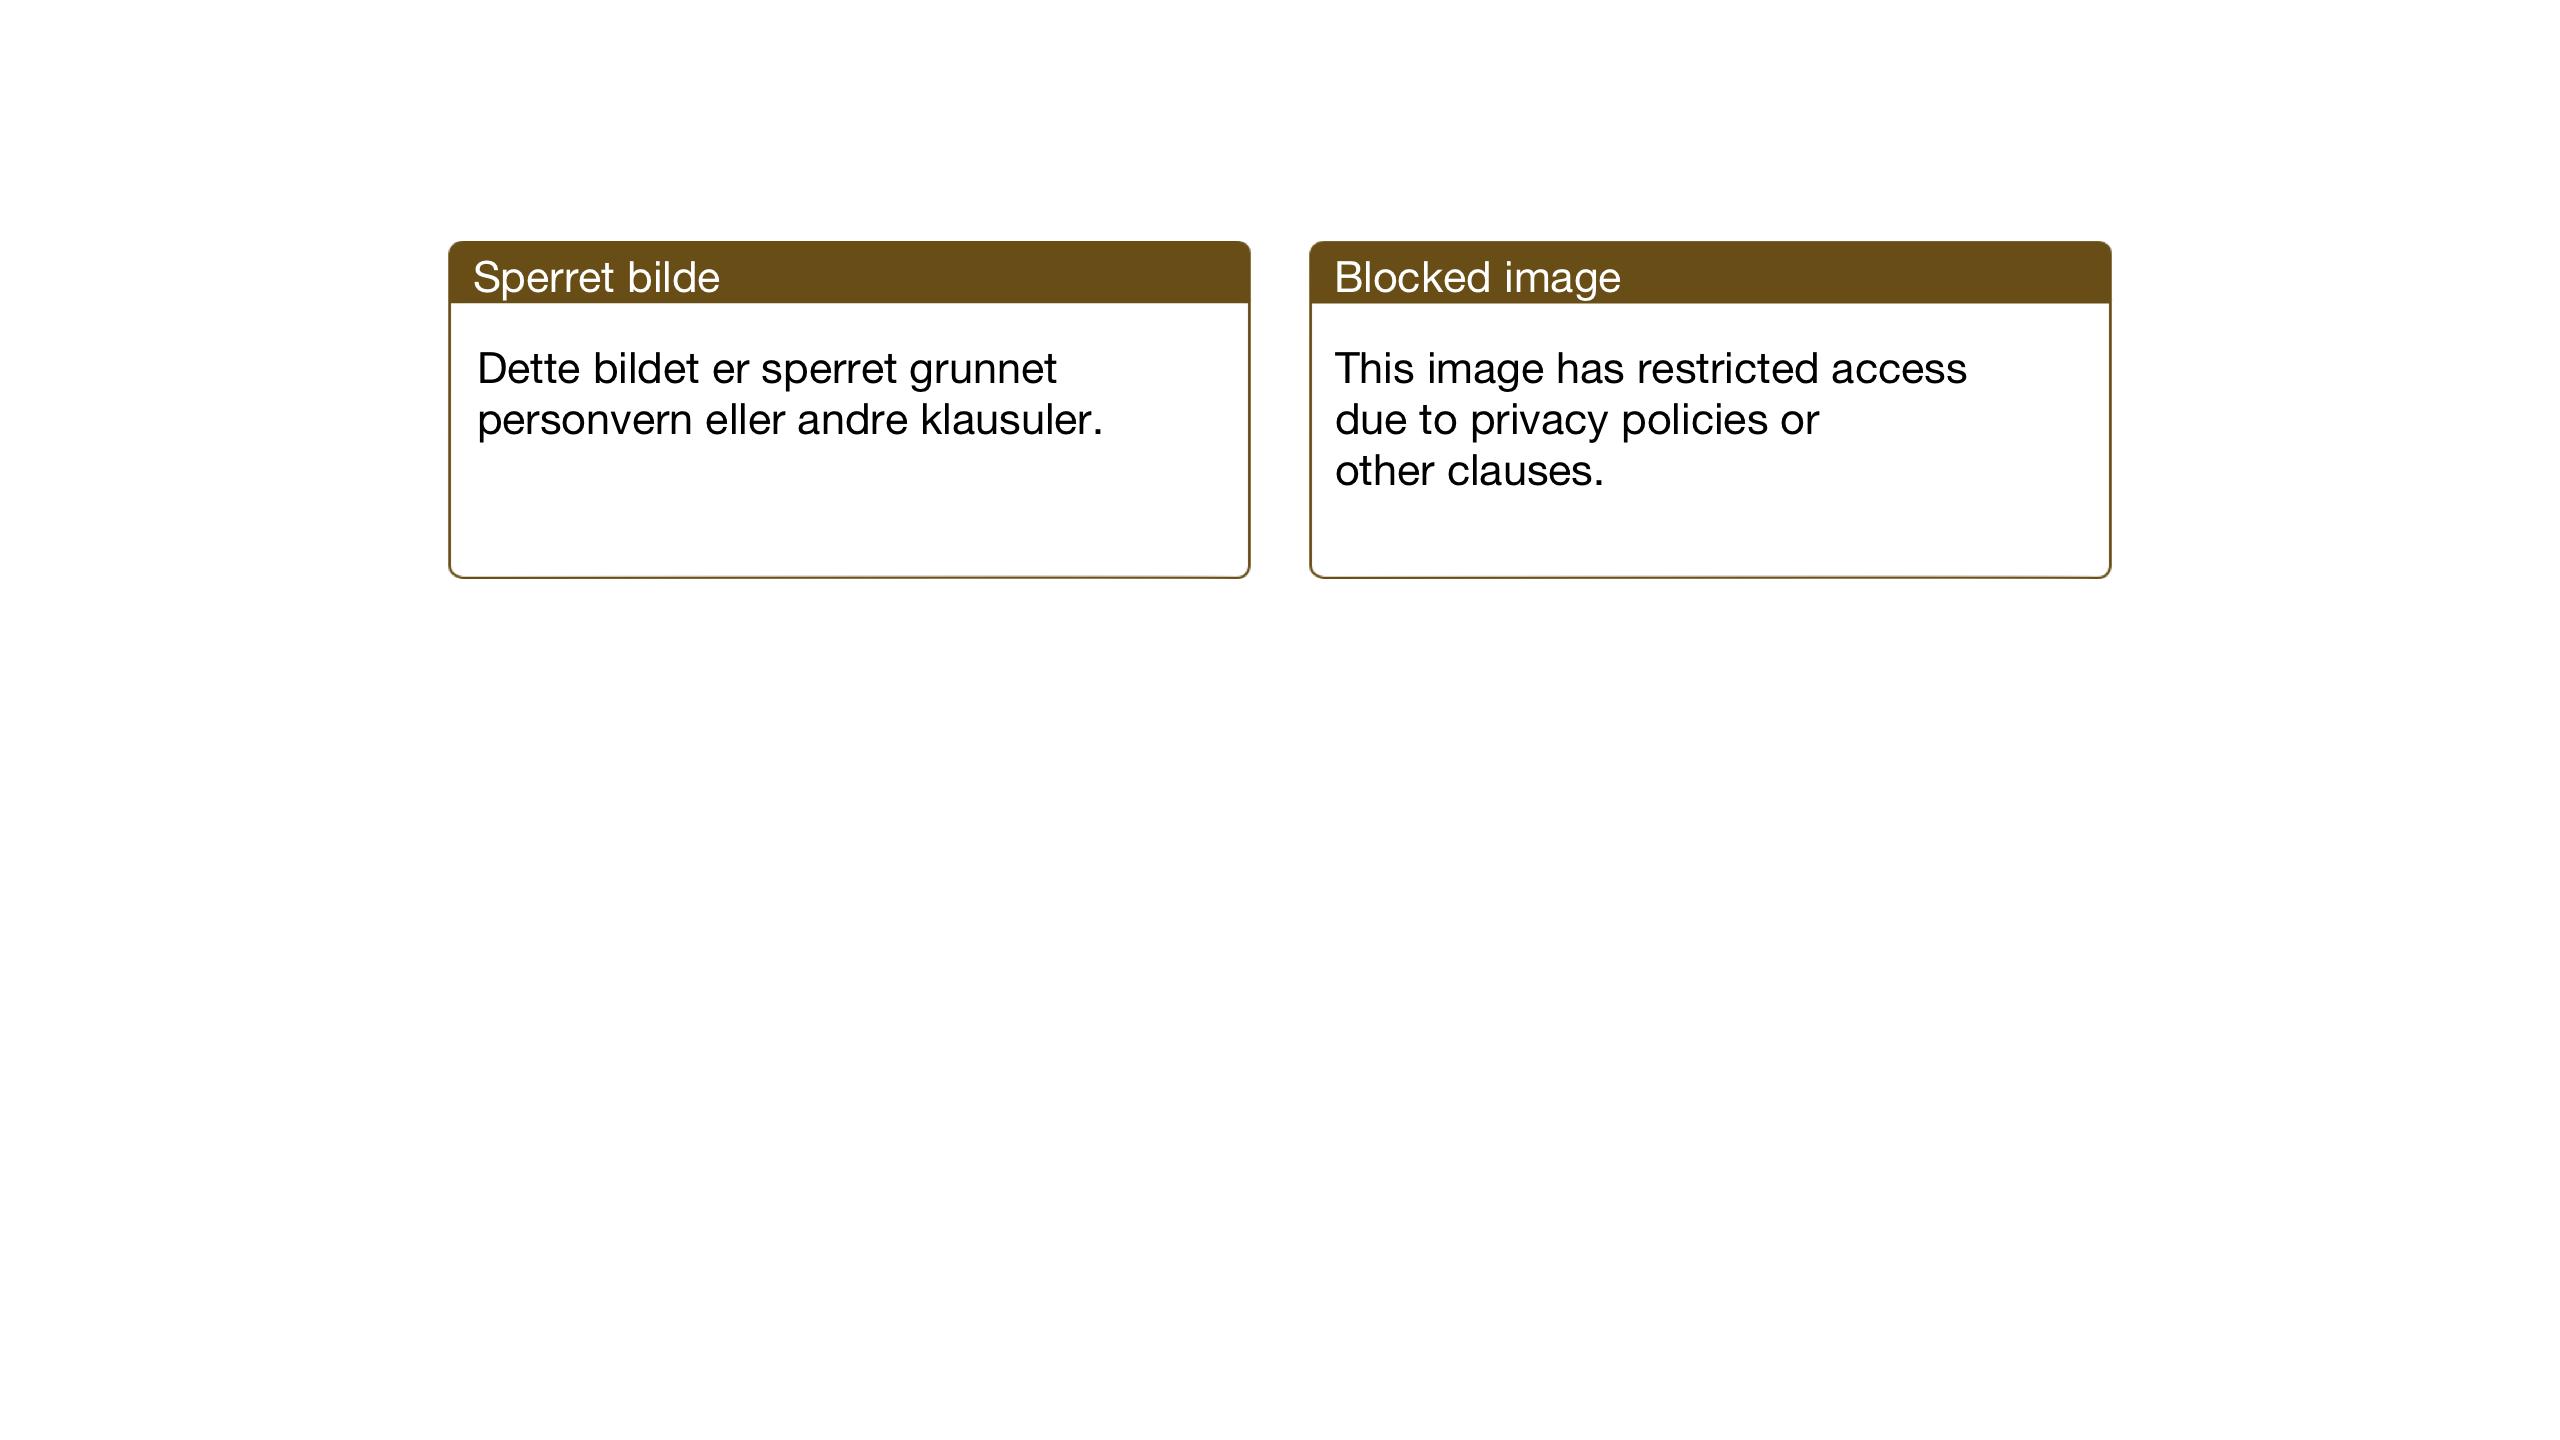 SAT, Ministerialprotokoller, klokkerbøker og fødselsregistre - Sør-Trøndelag, 686/L0986: Klokkerbok nr. 686C02, 1933-1950, s. 104